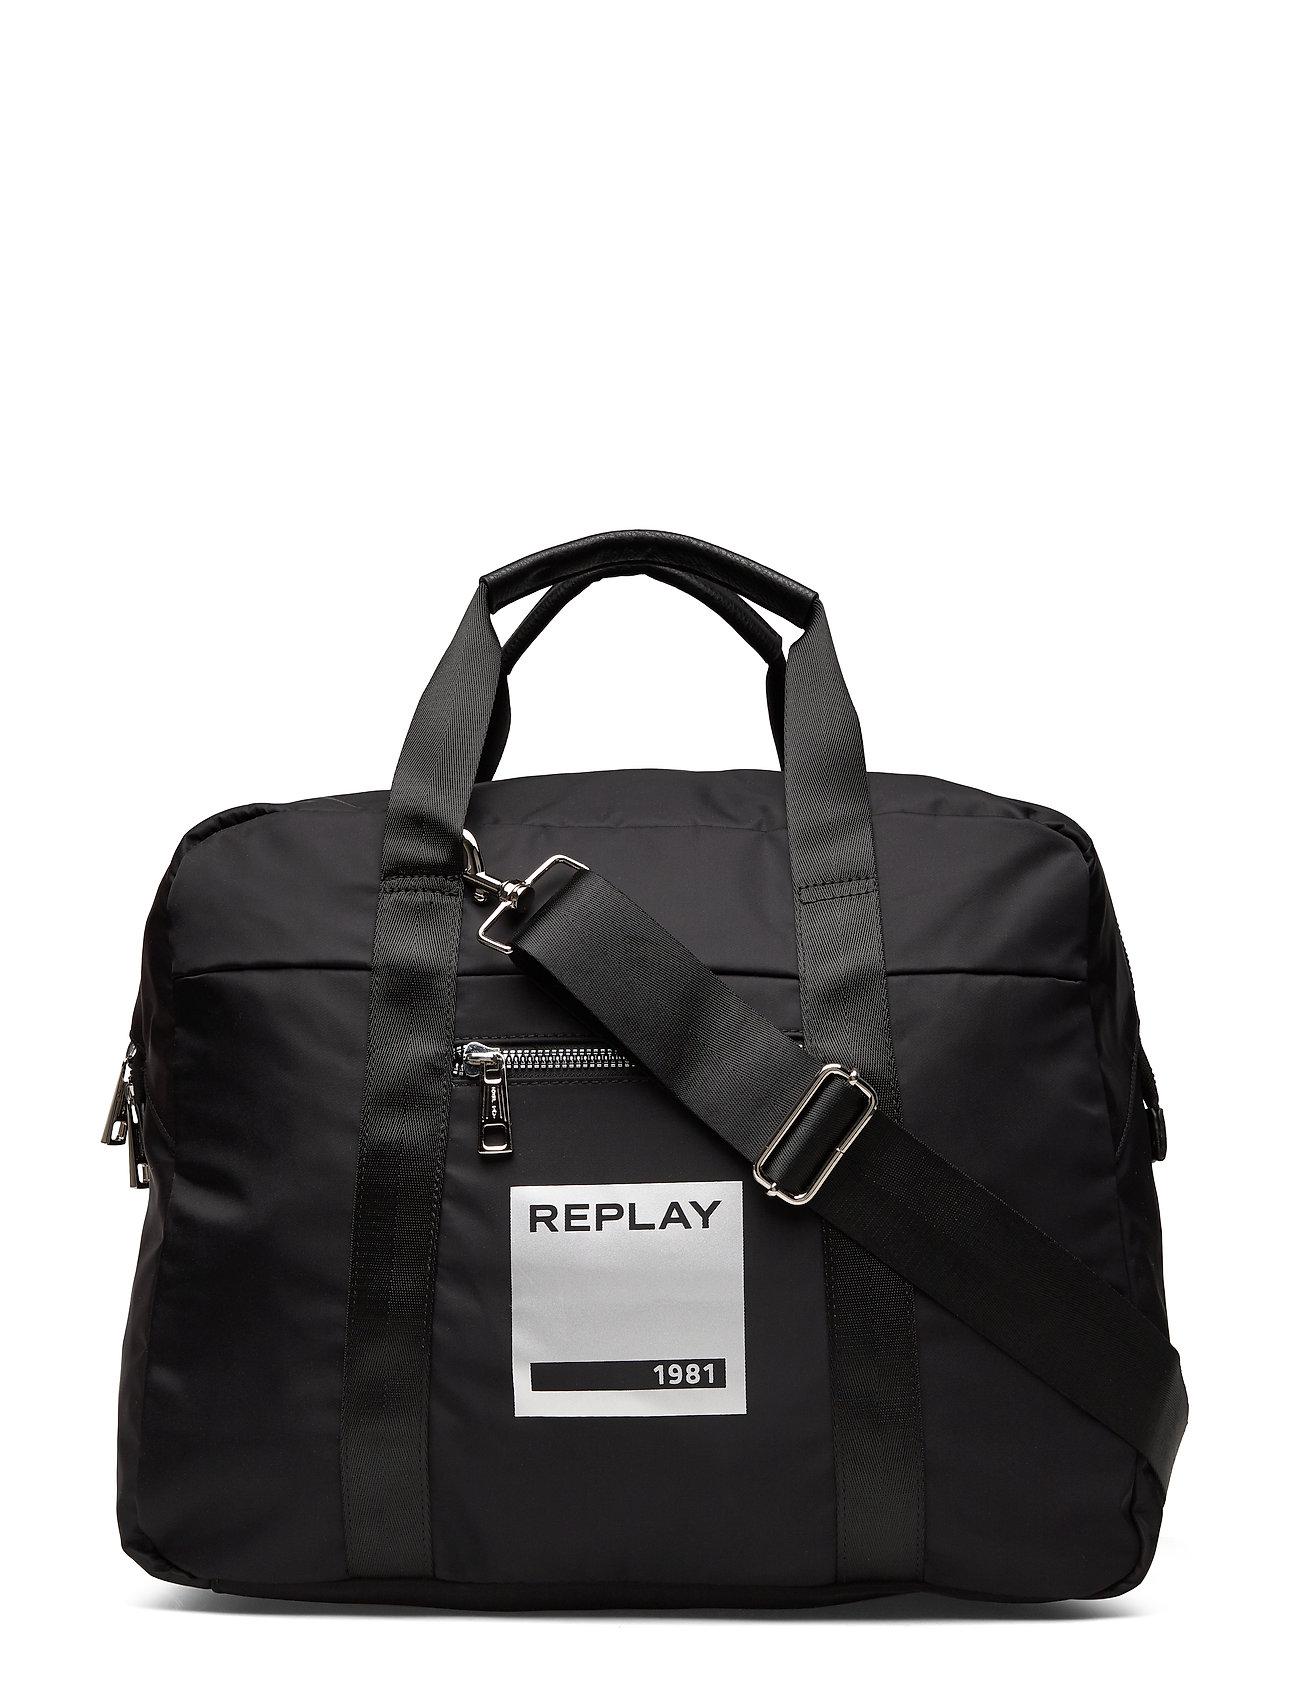 Replay Bag - BLACK